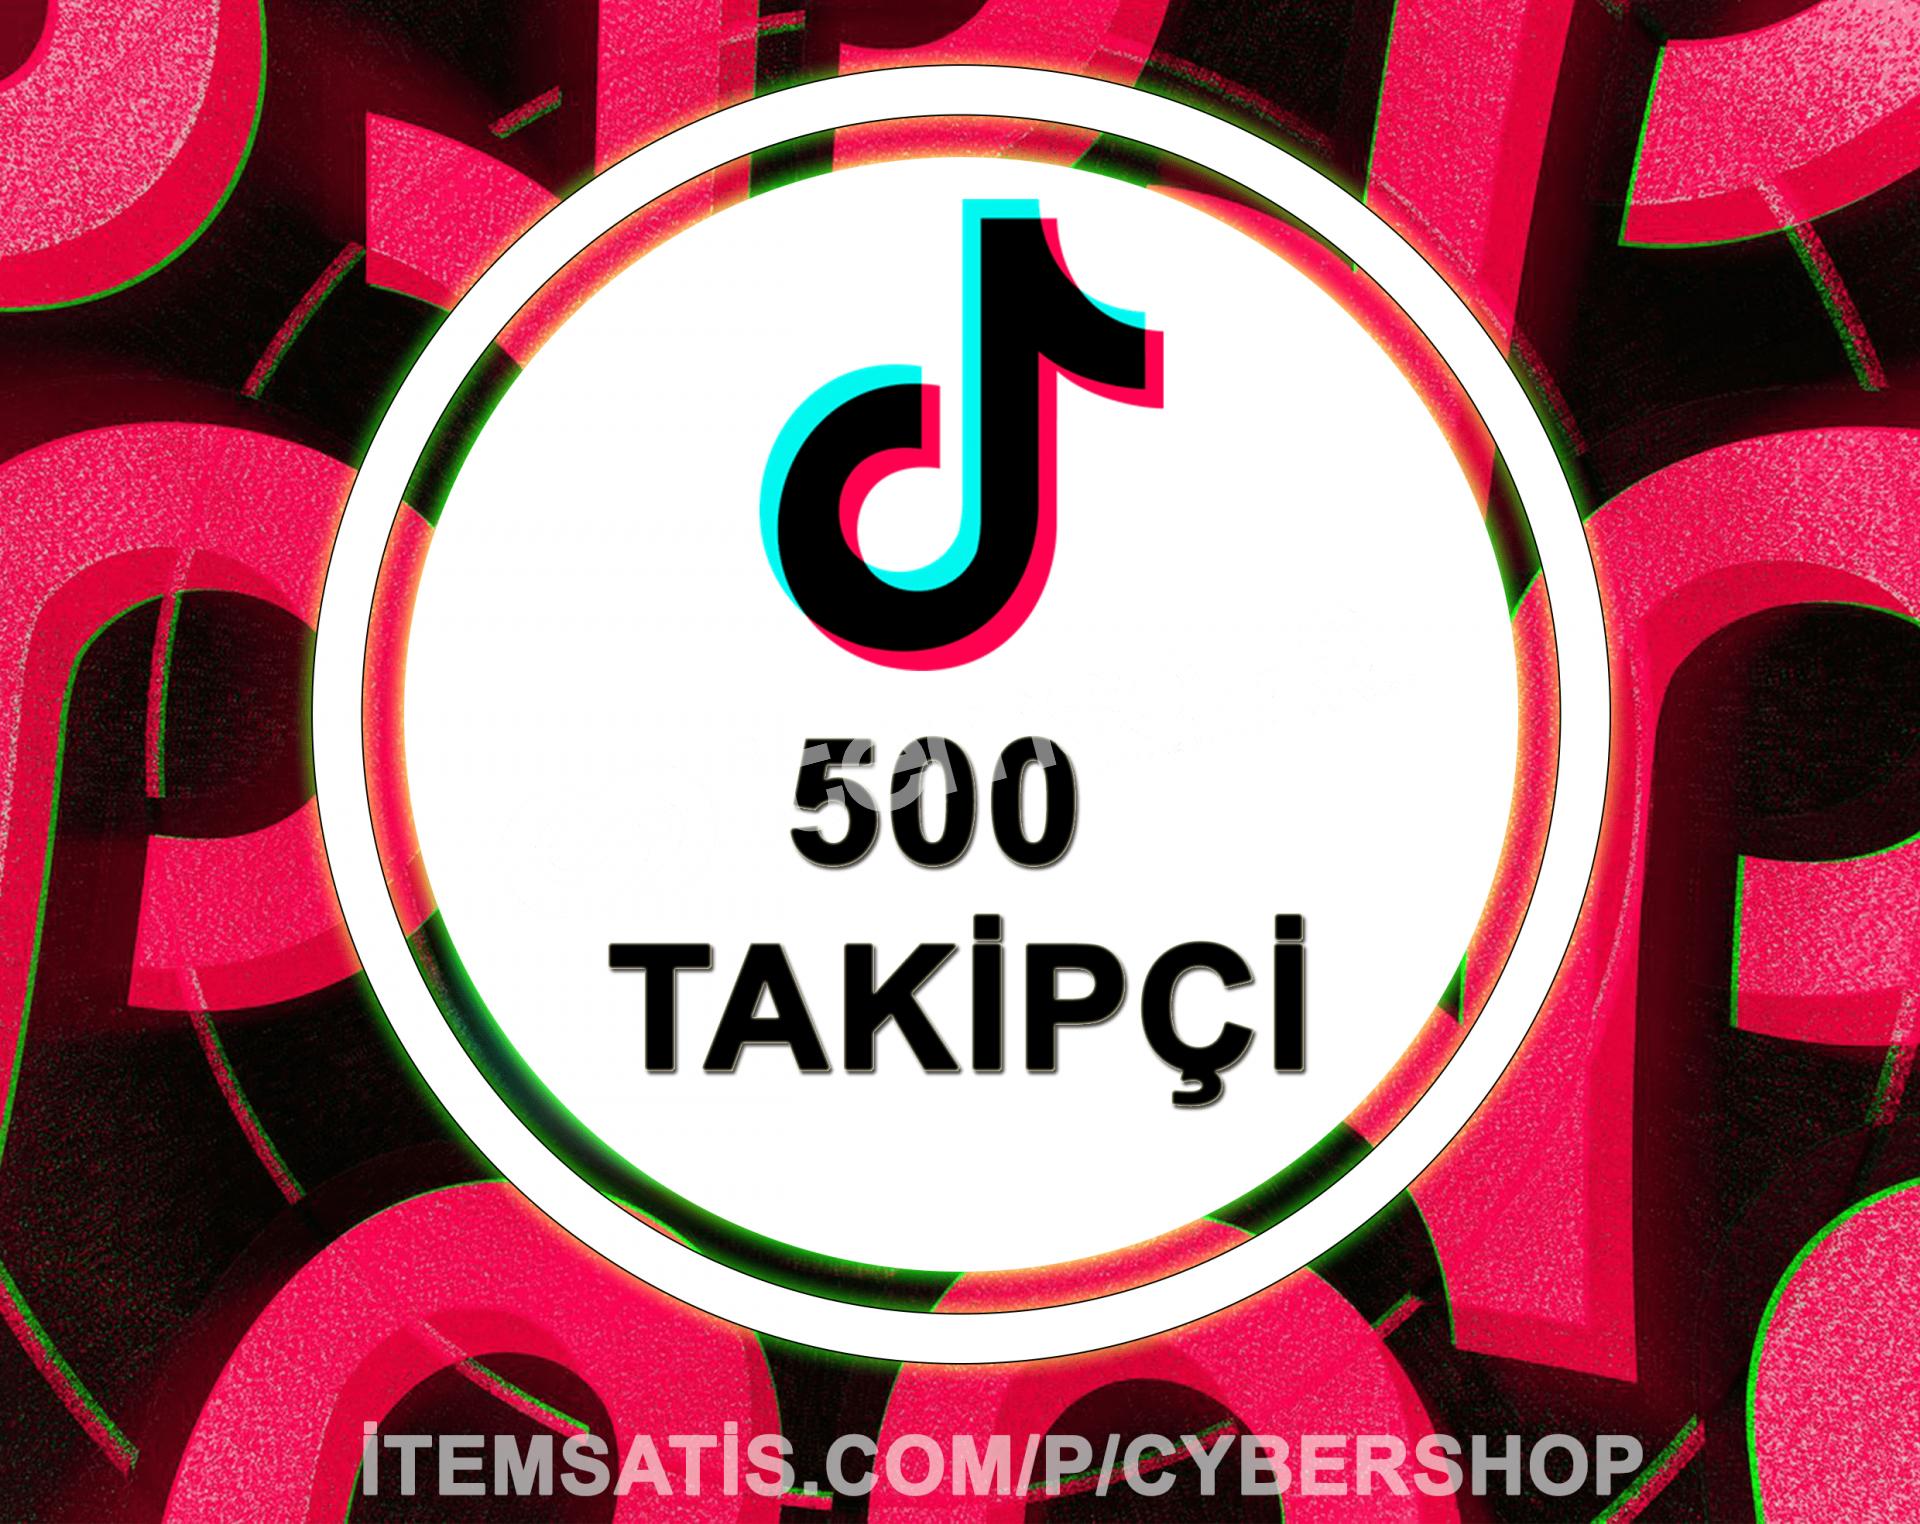 TikTok 500 Takipçi Paketi (%10 İndirim)